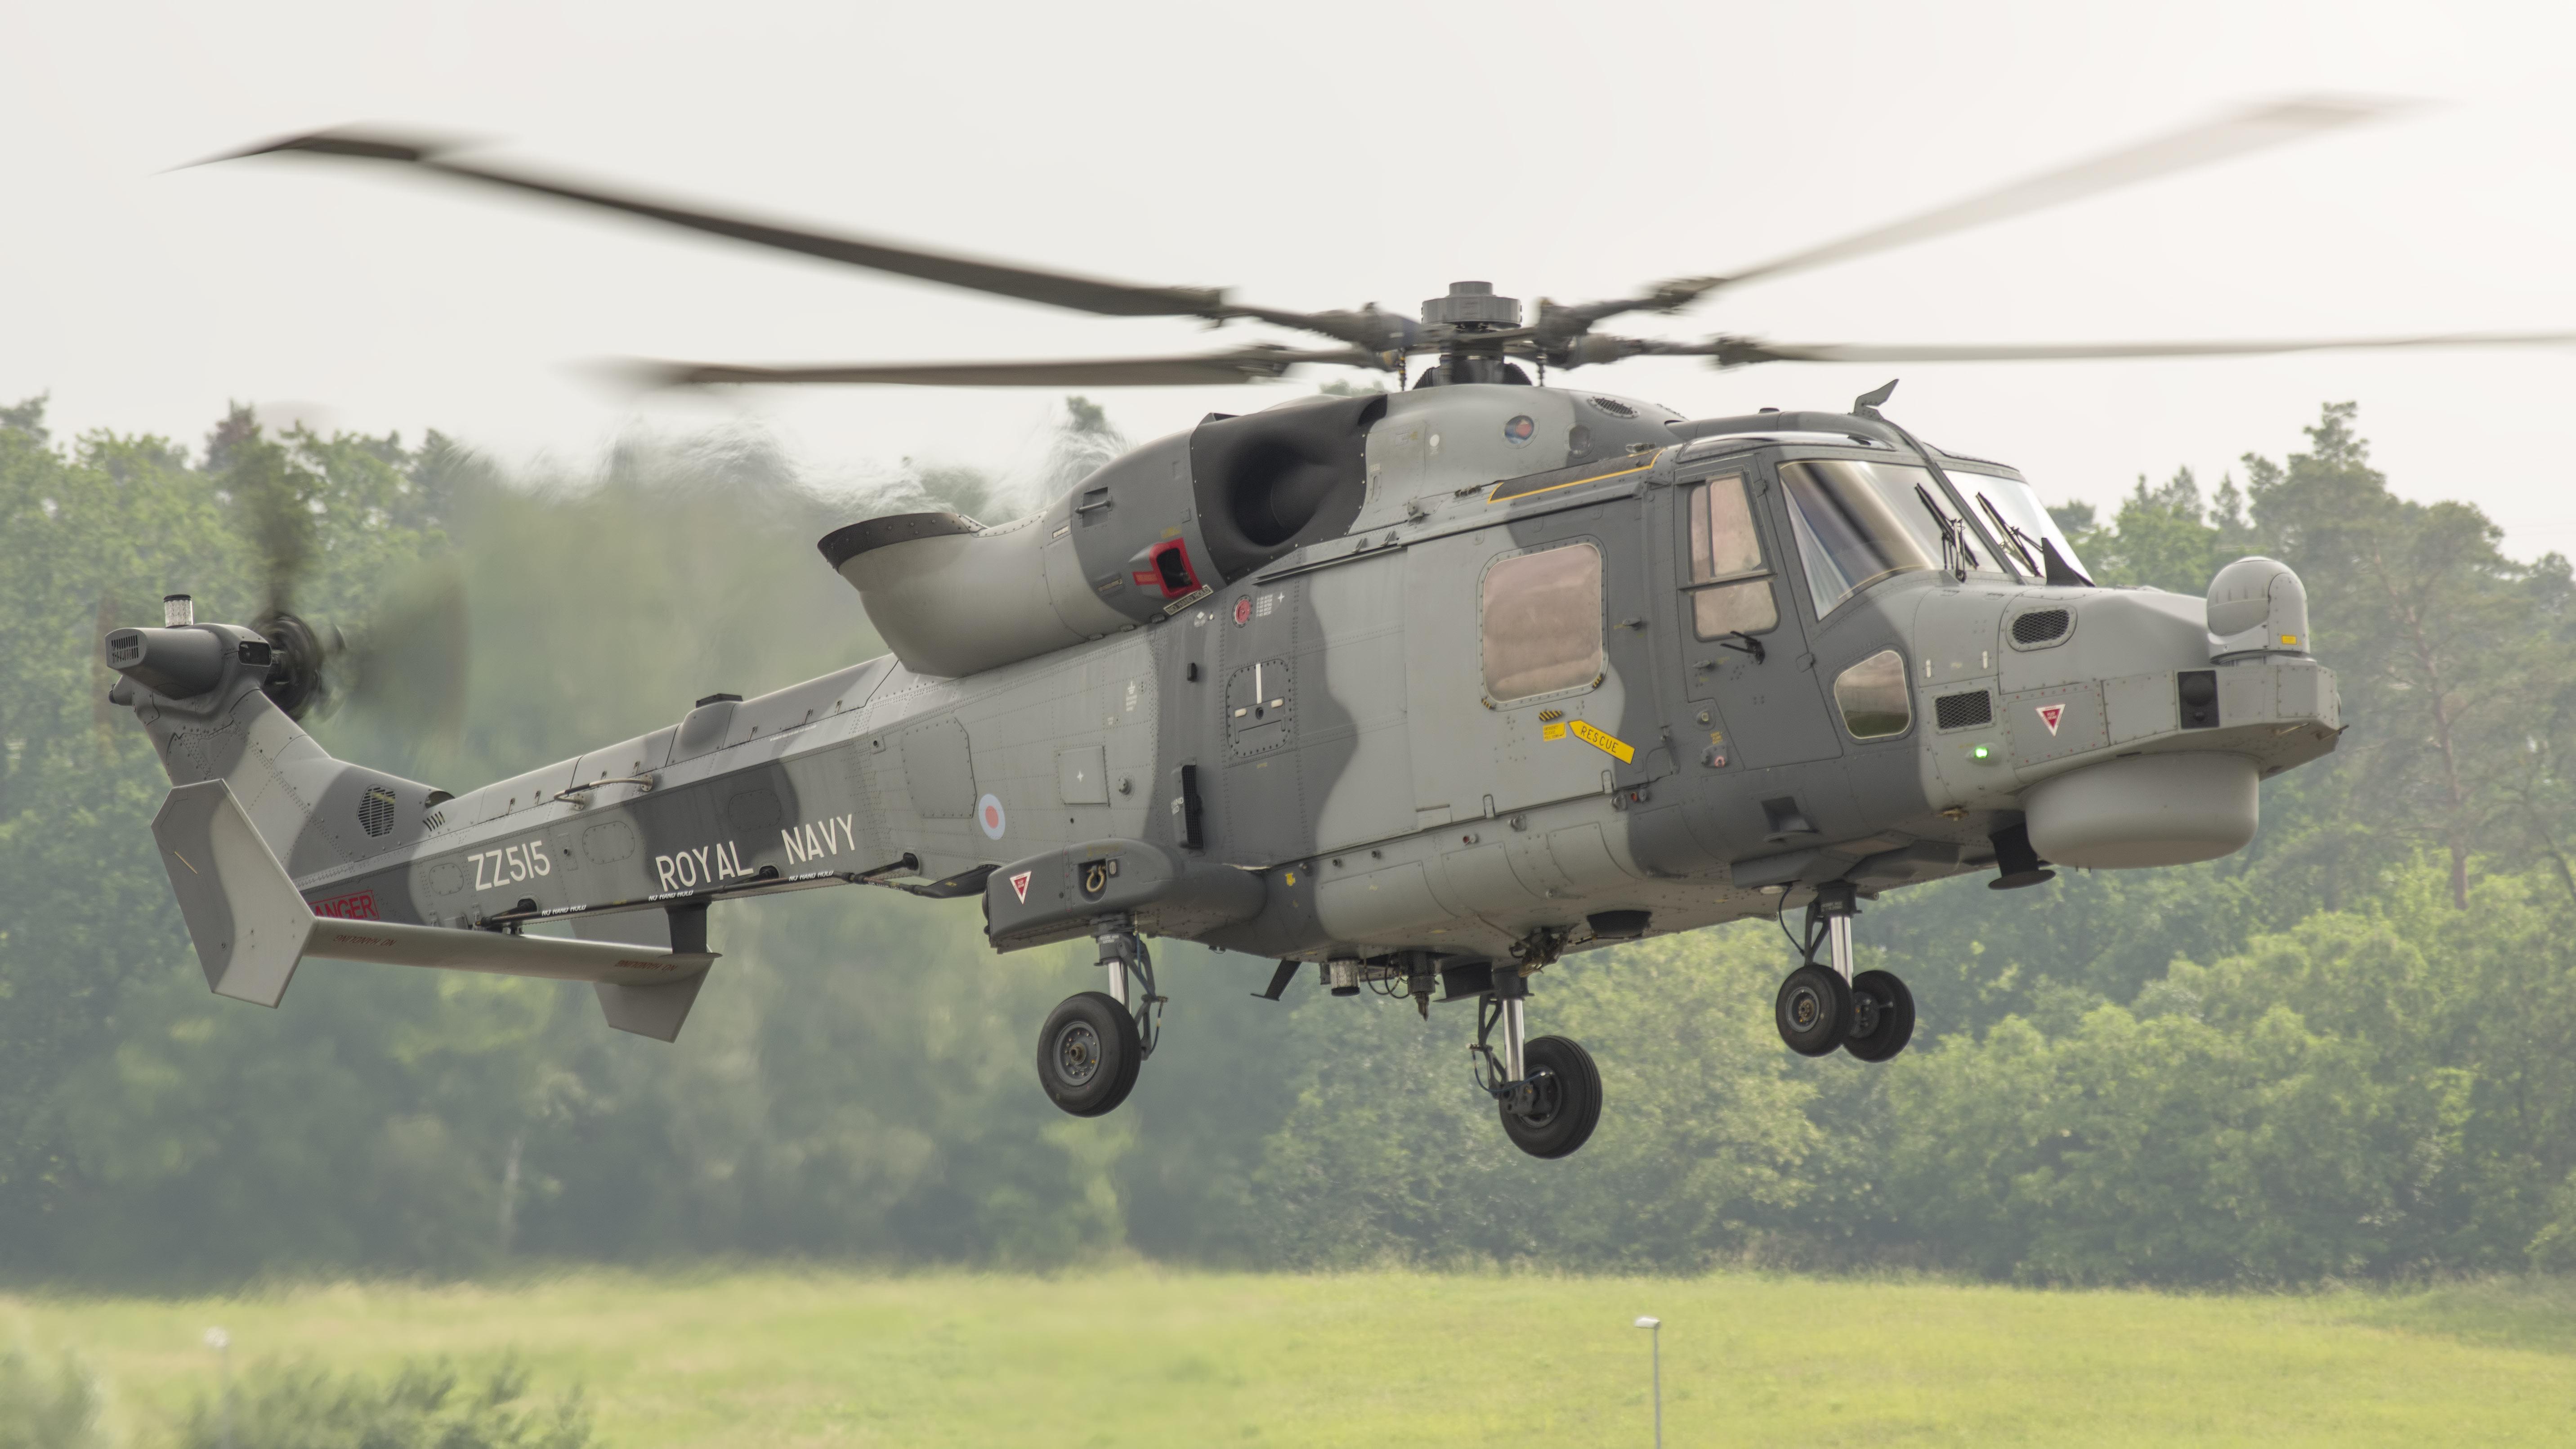 _IMG1972 AgustaWestland AW-159 Wildcat HMA2 ZZ515 Royal Navy